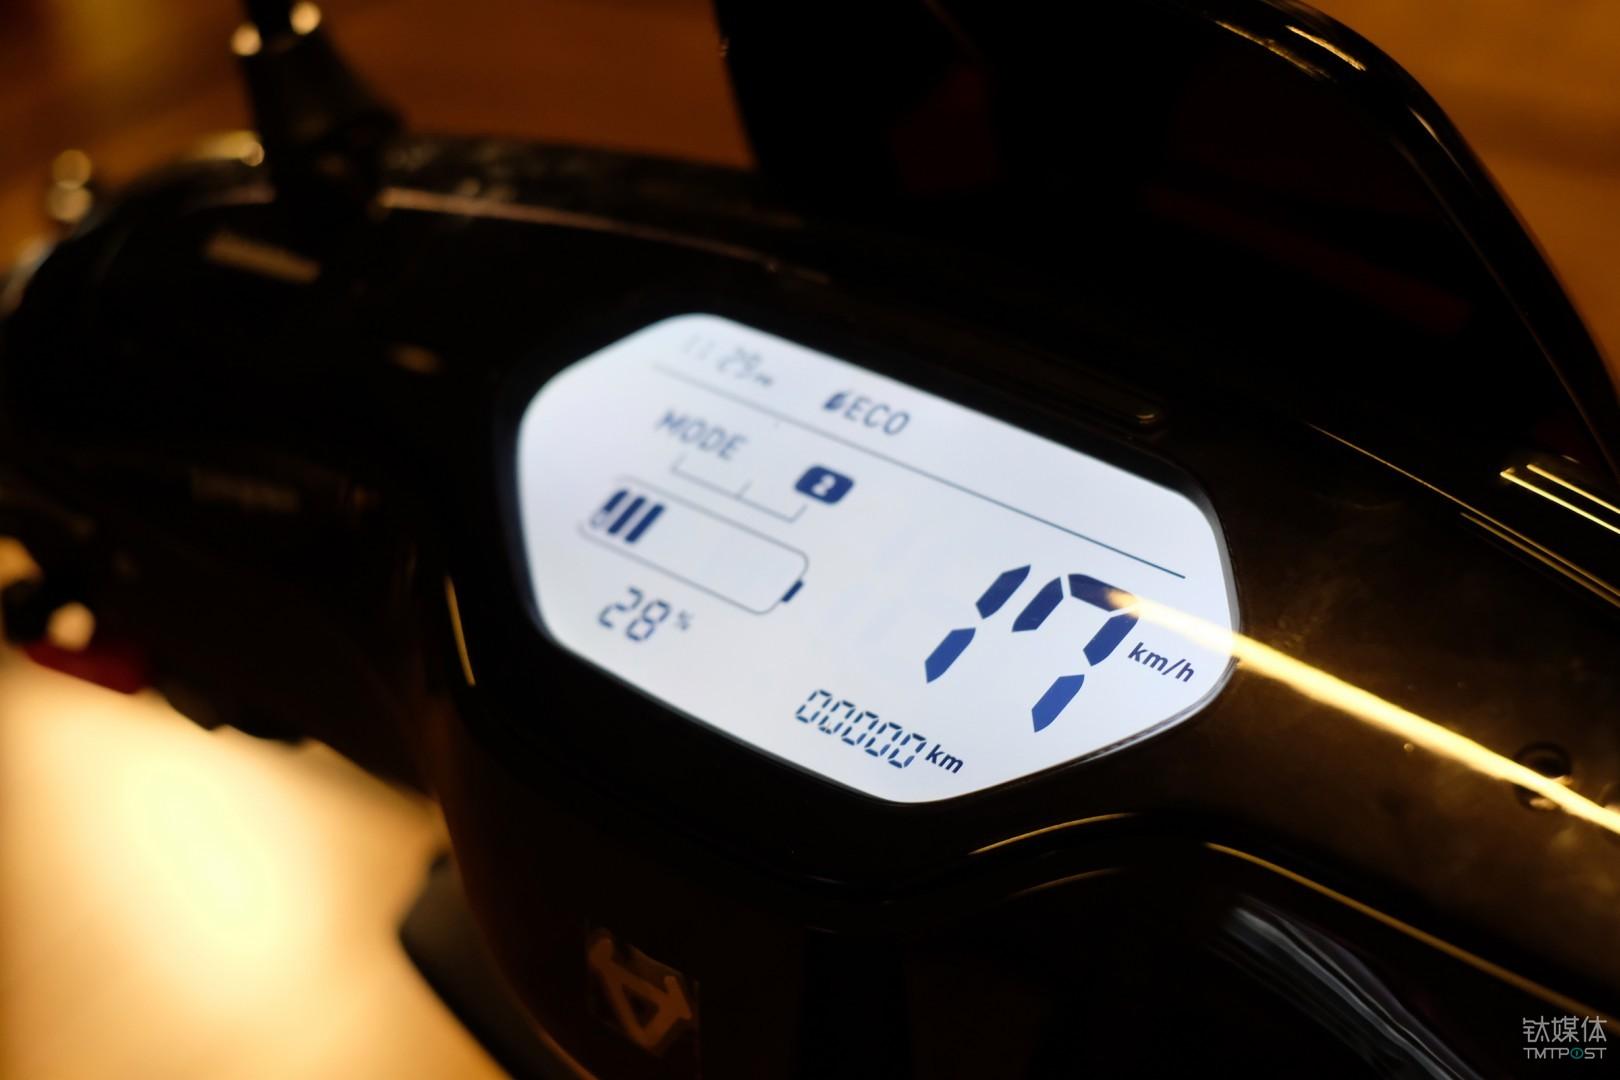 小牛电动车 M+ Pro 2 档可调,最高时速为 17kh/h